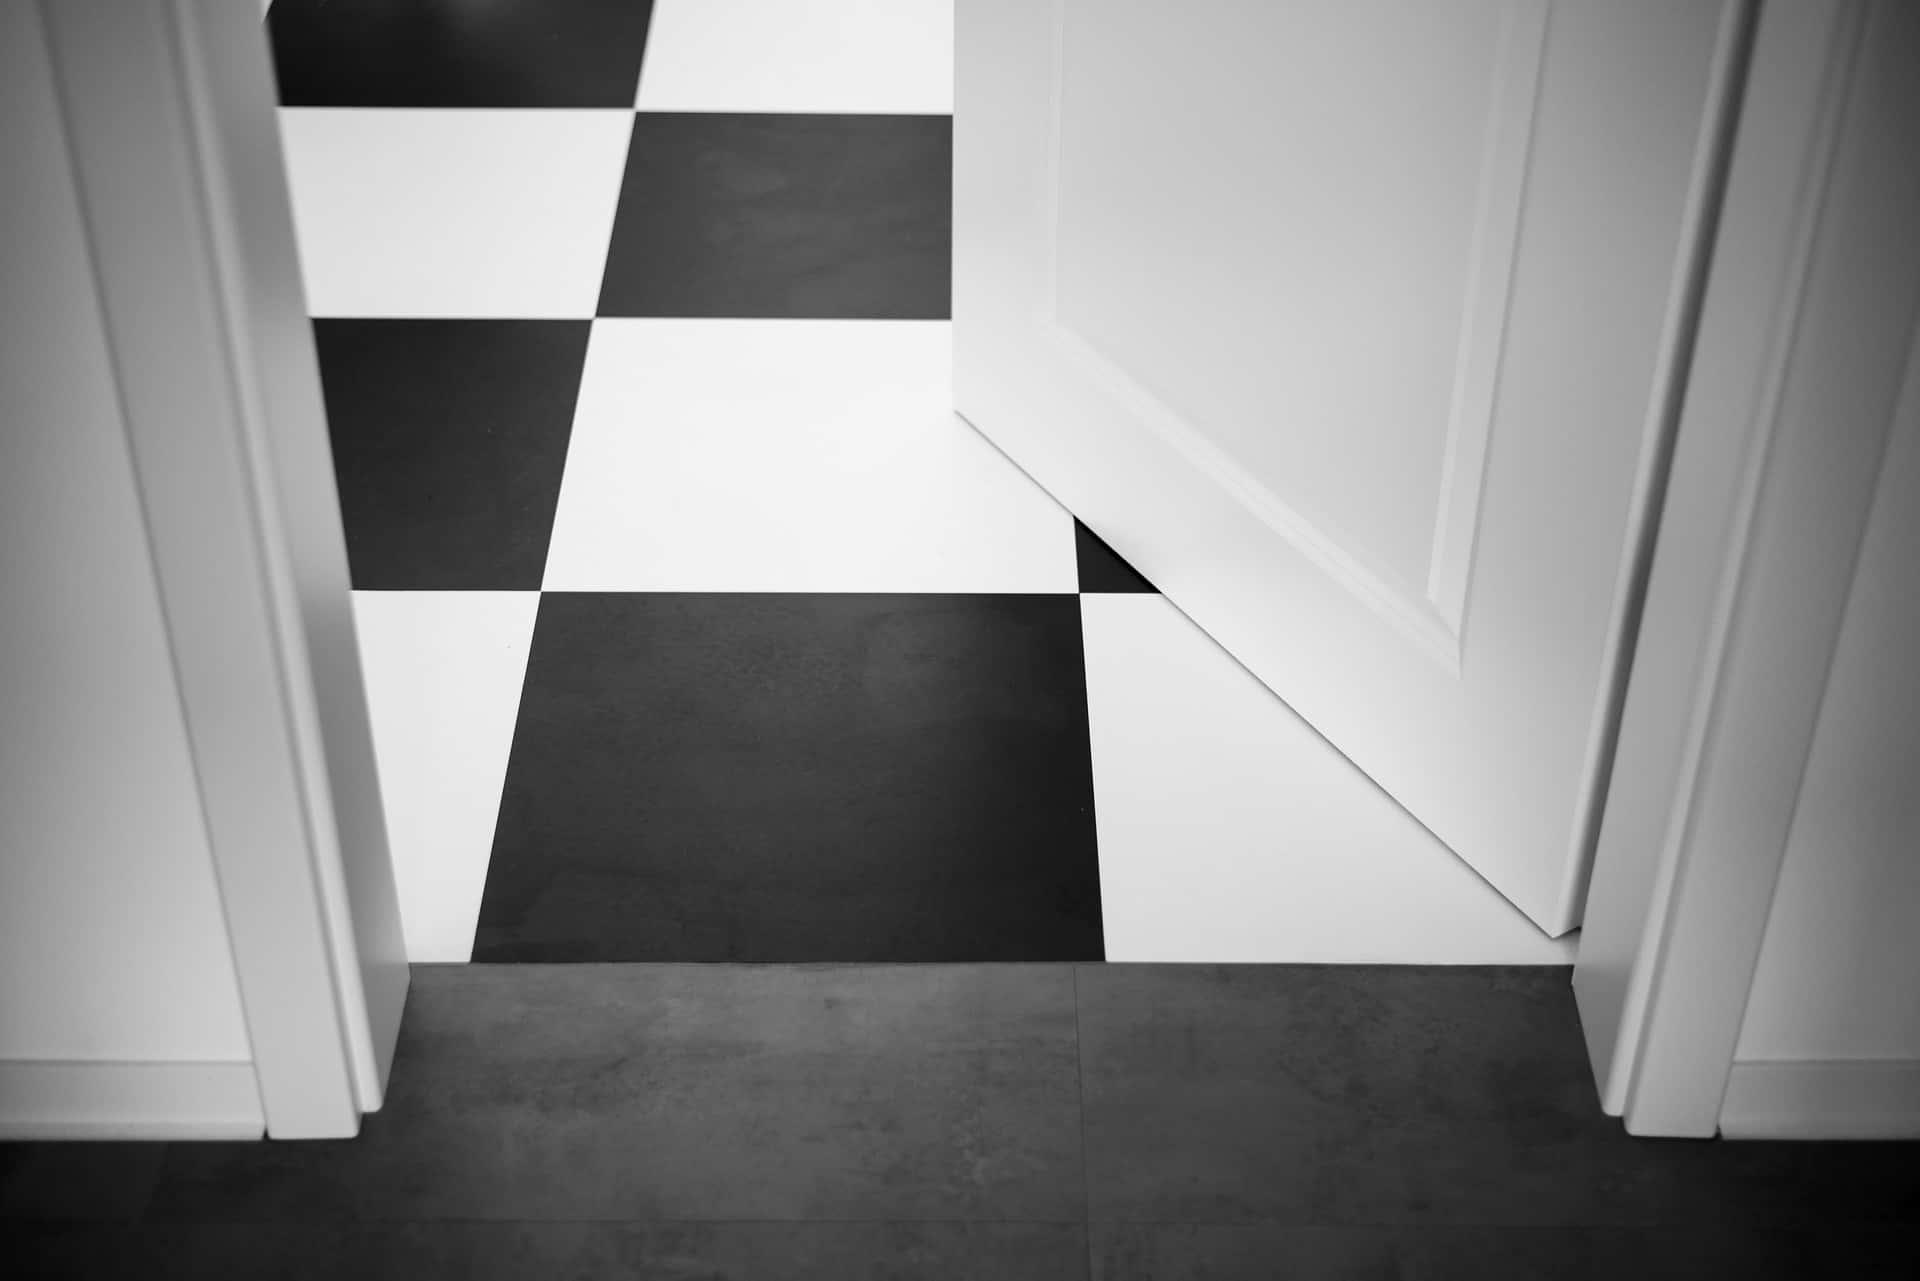 Secret Rooms facts